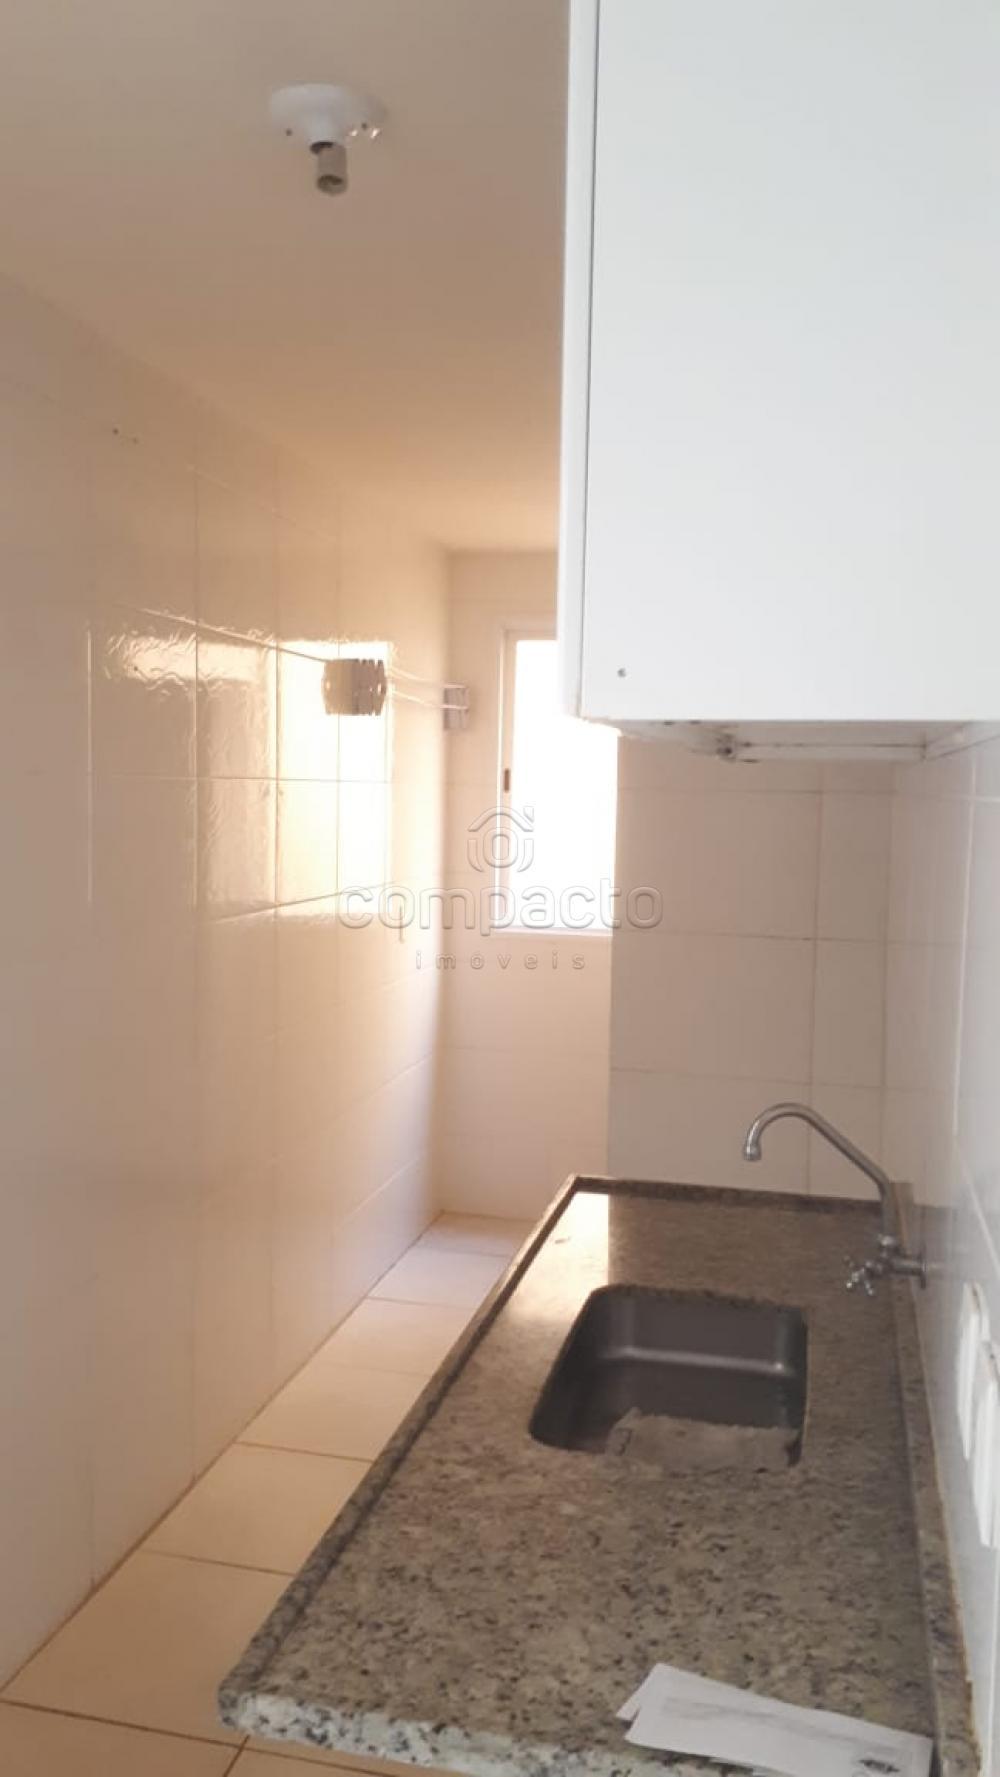 Comprar Apartamento / Padrão em São José do Rio Preto apenas R$ 140.000,00 - Foto 10